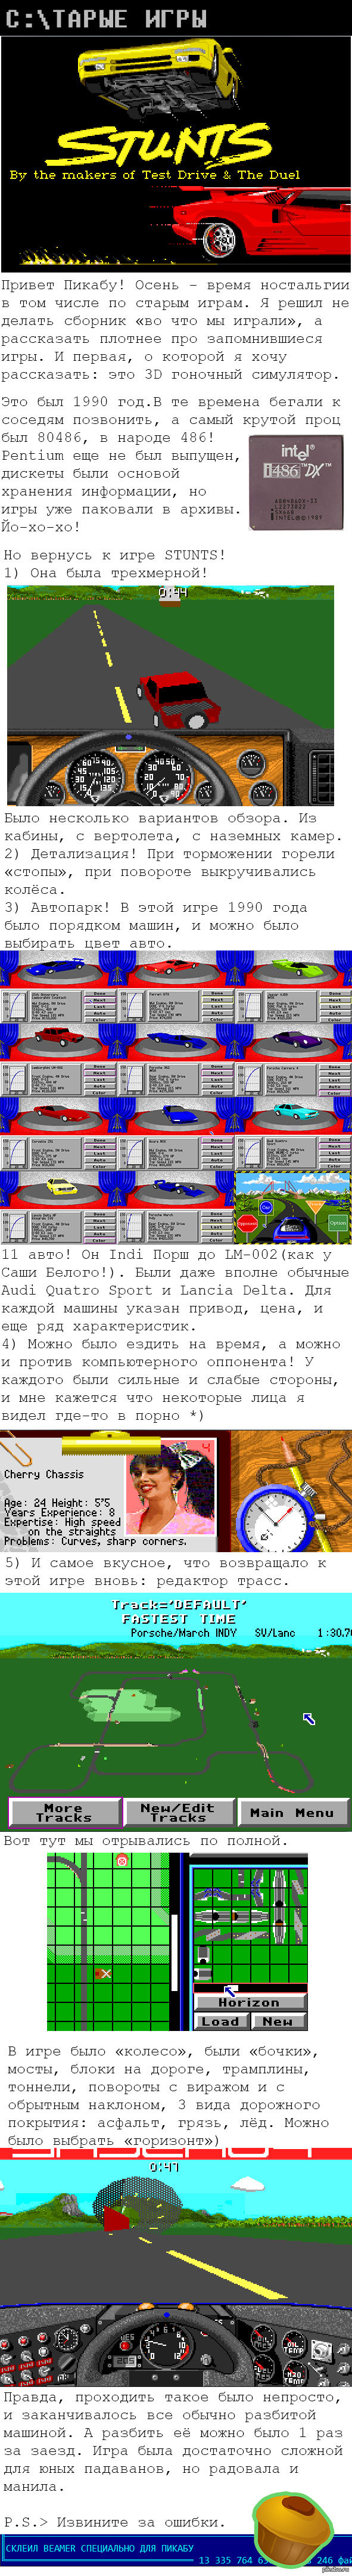 Старая игра STUNTS (1990г) Слепил длиннопост про старый автосимулятор. Текст не рафинирован вордом, за ошибки прошу сильно не бить)